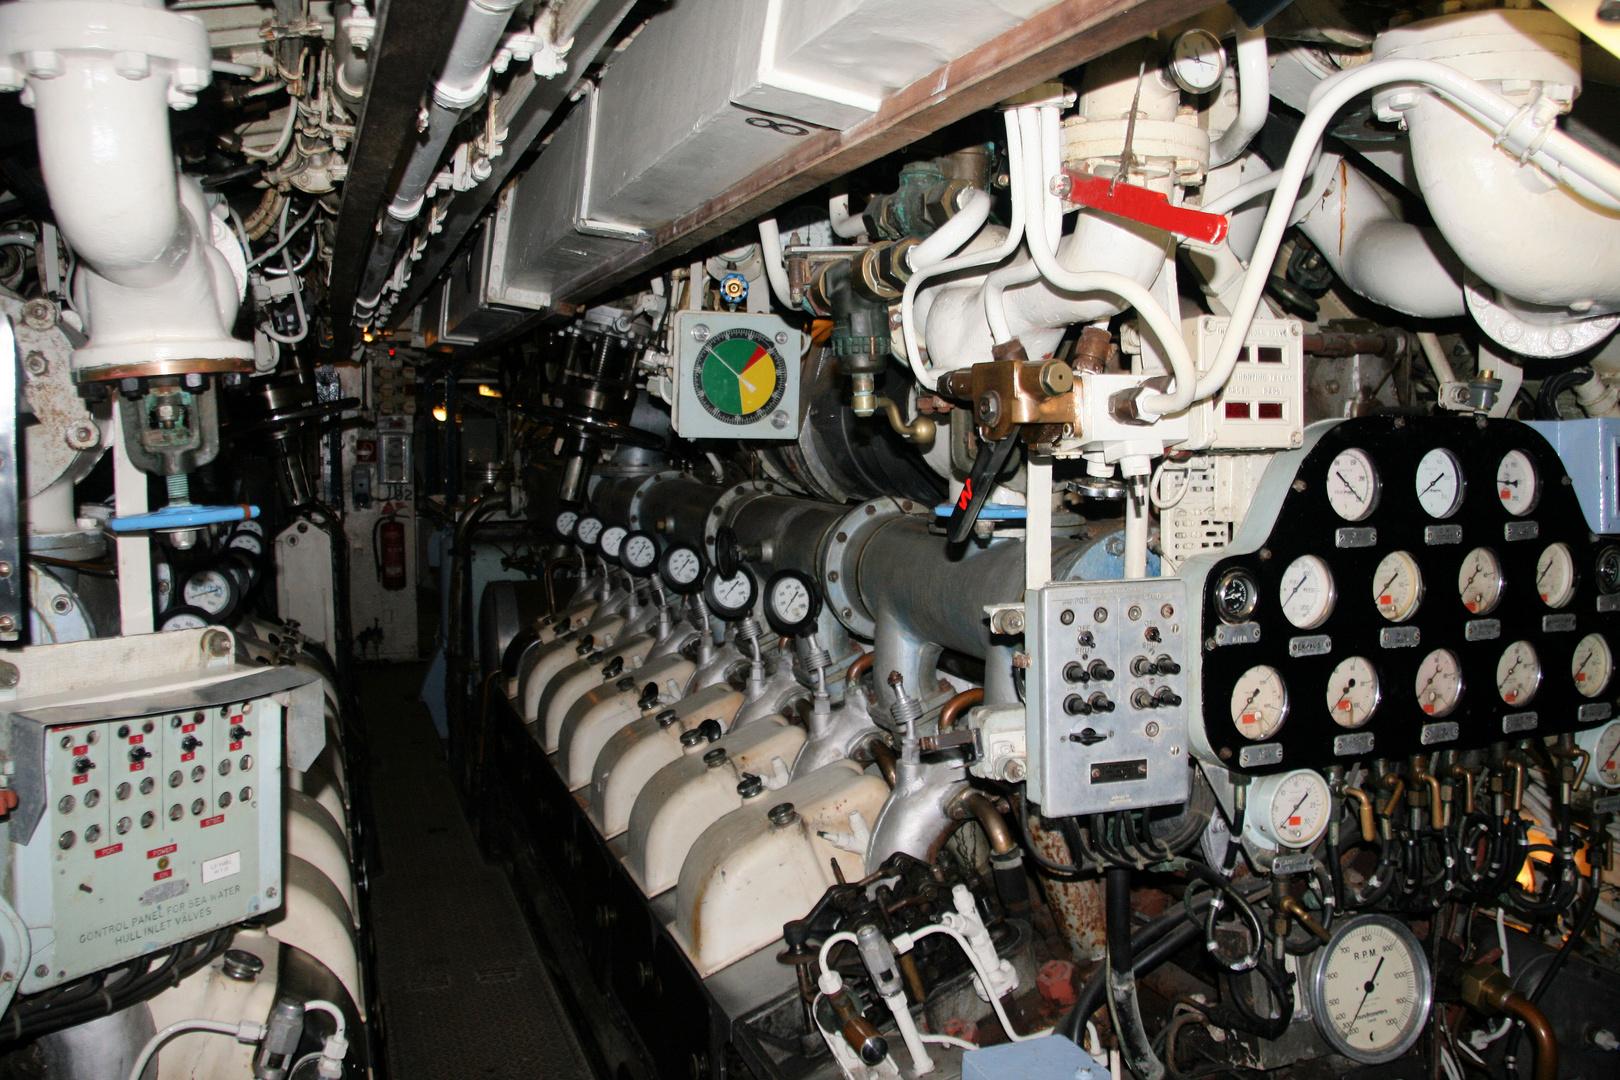 Achtern im Maschinenraum